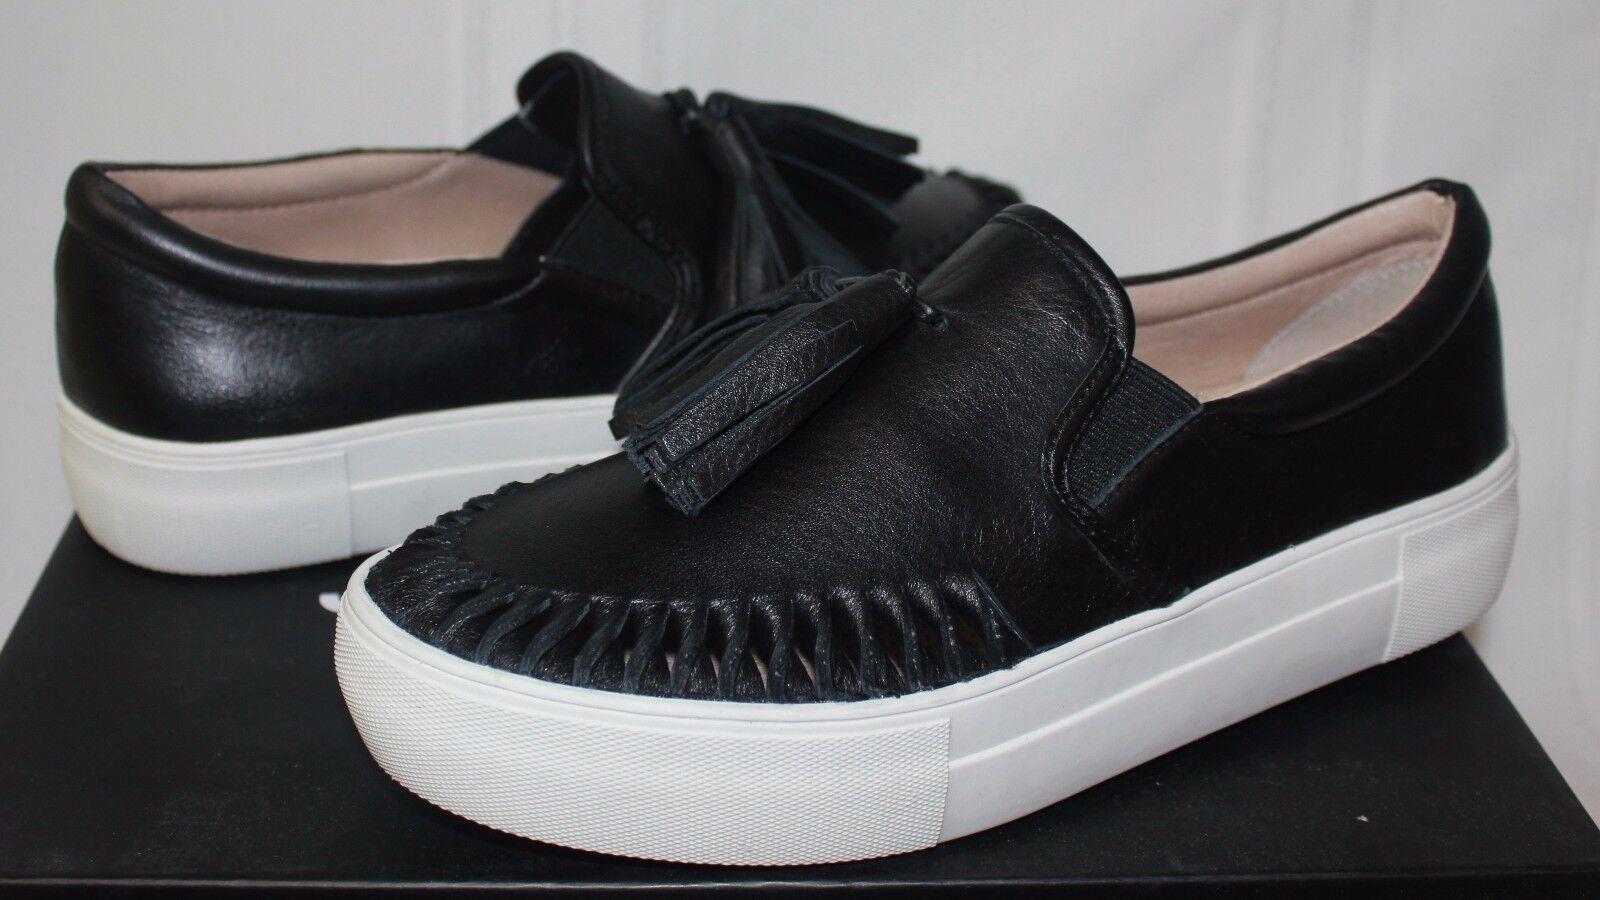 J J J diapositivas para Mujer Zapatos Estilo Azteca Resbalón en Zapatillas De Cuero Negro Nuevo Con CajaGenuineInfinitiG35HojaDeVentilador21060AG202  100% autentico